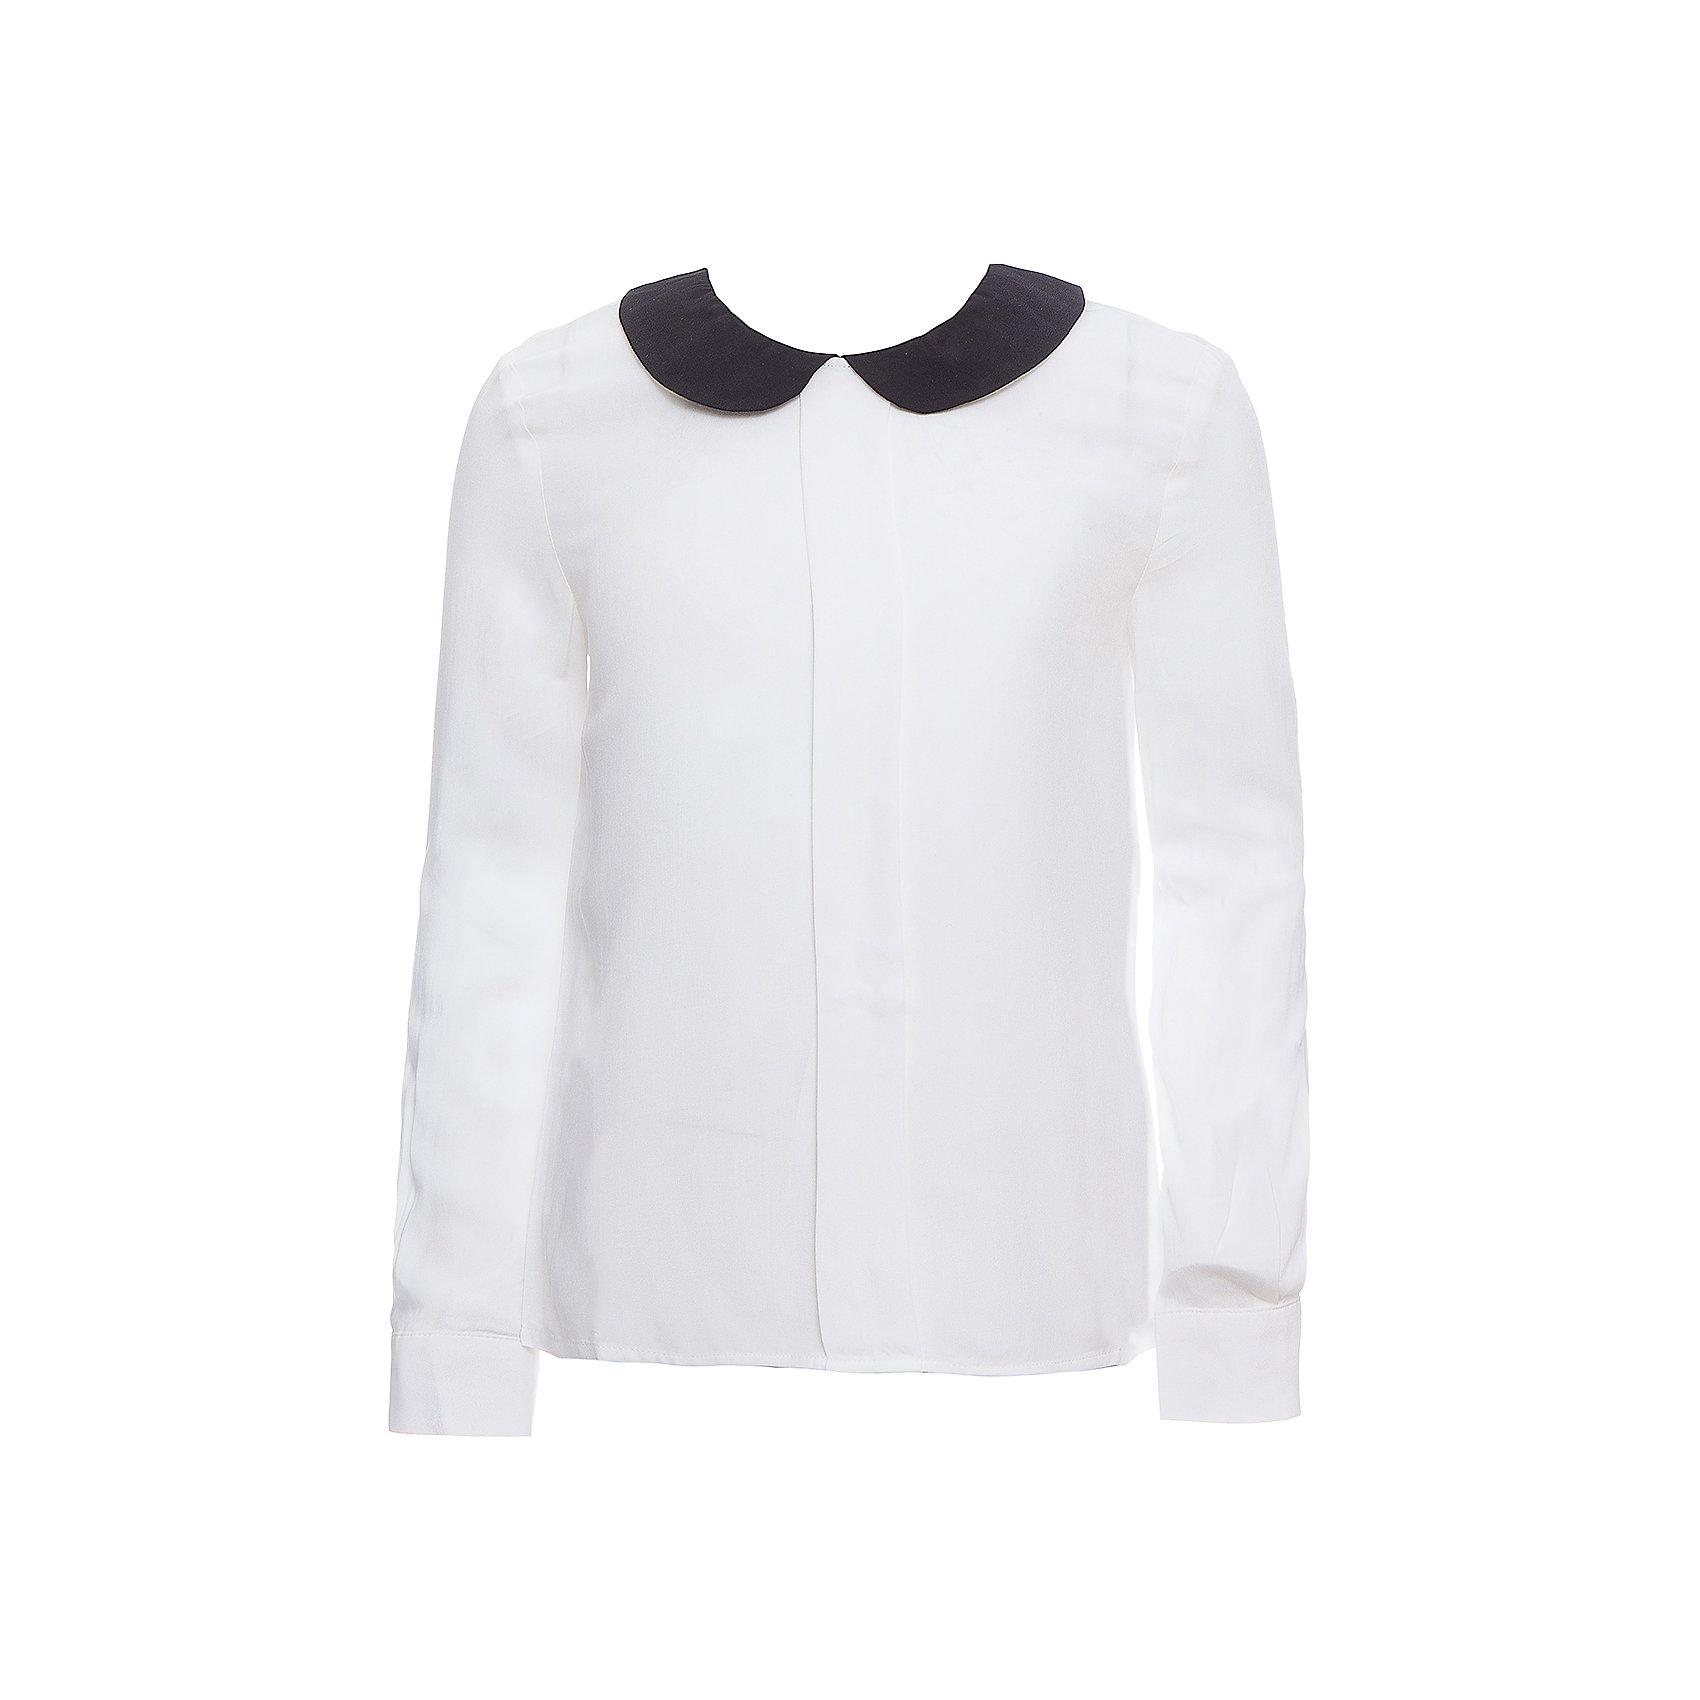 Блузка SELA для девочкиБлузки и рубашки<br>Характеристики товара:<br><br>• цвет: молочный;<br>• состав: 100% вискоза;<br>• сезон: демисезон;<br>• особенности: школьная;<br>• свободный крой;<br>• застежка: пуговица<br>• манжеты на пуговице<br>• рукав: длинный;<br>• страна бренда: Россия;<br>• страна изготовитель: Китай.<br><br>Школьная блузка с длинным рукавом для девочки. Застегивается на пуговицу сзади для удобства надевания через голову, манжеты рукавов на одной пуговице. Модель выполнена в молочном цвете с контрастным темным воротником.<br><br>Блузку Sela (Села) для девочки можно купить в нашем интернет-магазине.<br><br>Ширина мм: 186<br>Глубина мм: 87<br>Высота мм: 198<br>Вес г: 197<br>Цвет: белый<br>Возраст от месяцев: 108<br>Возраст до месяцев: 120<br>Пол: Женский<br>Возраст: Детский<br>Размер: 140,146,128,134,152,122<br>SKU: 7009485